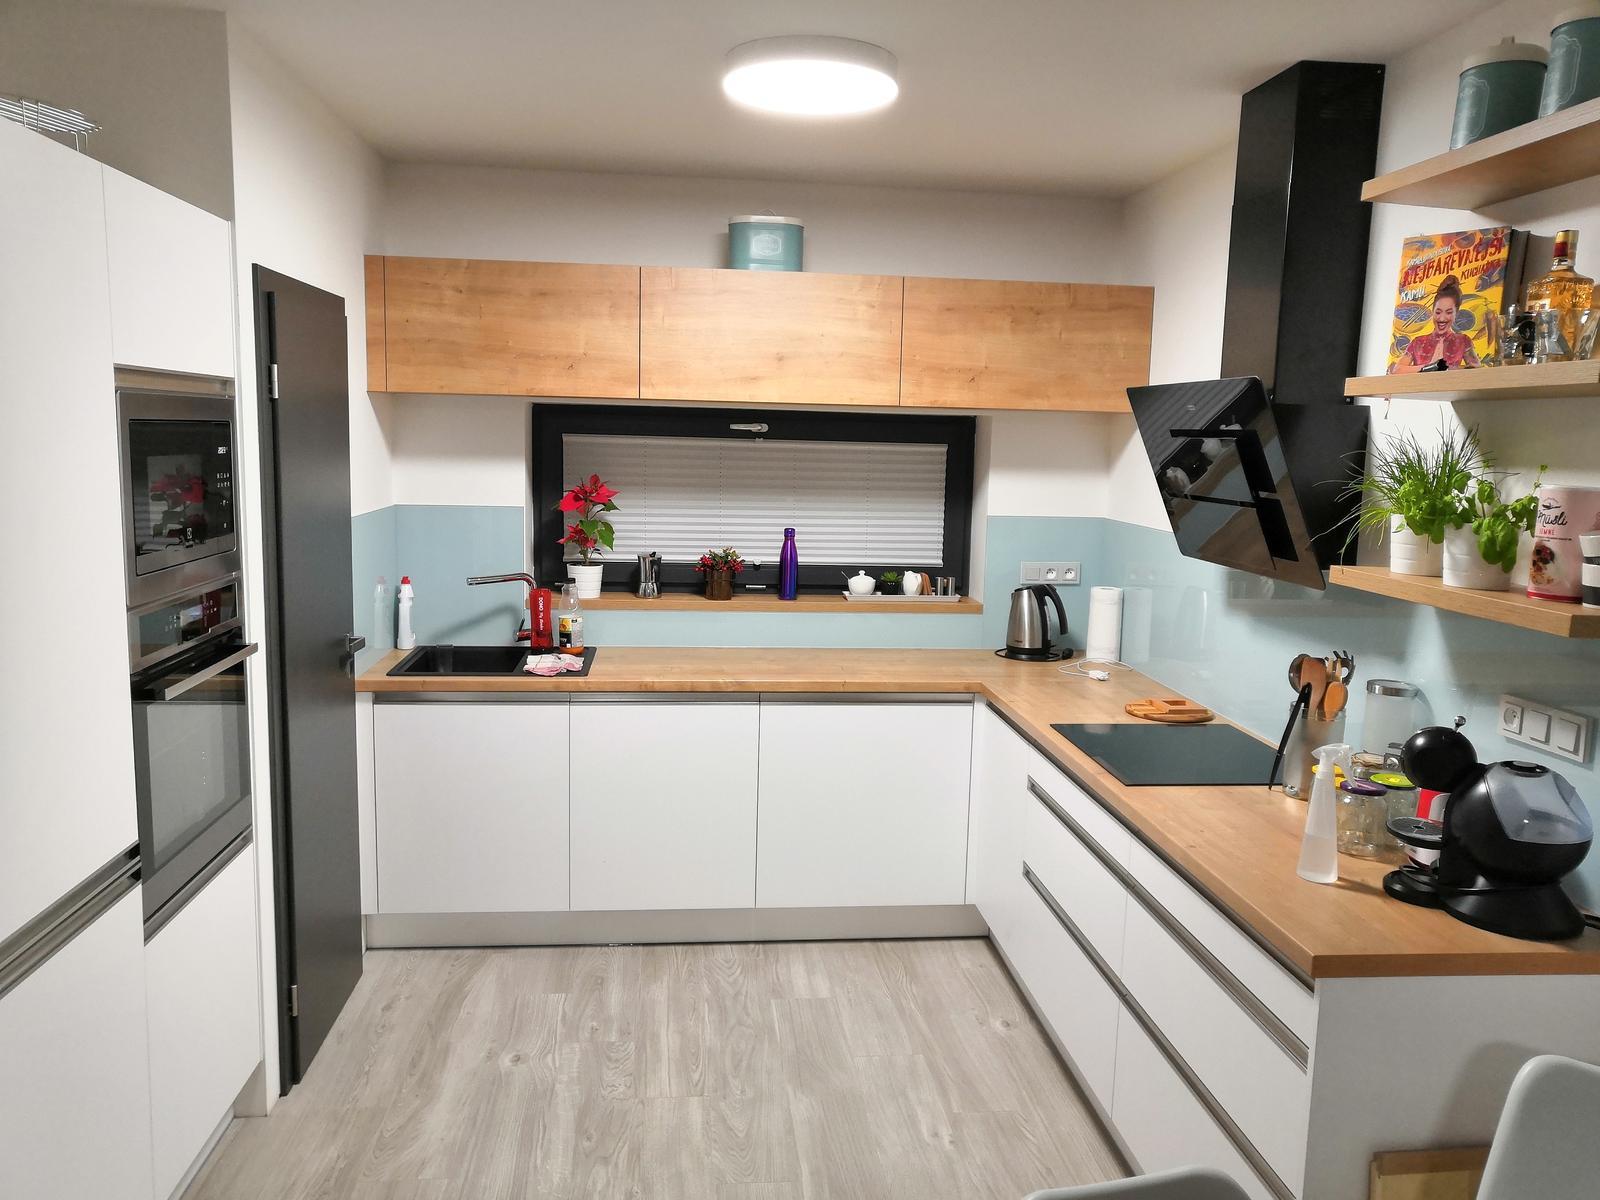 Skoro hotovo - kuchyně i se sklem, dveřmi a bordelem :)